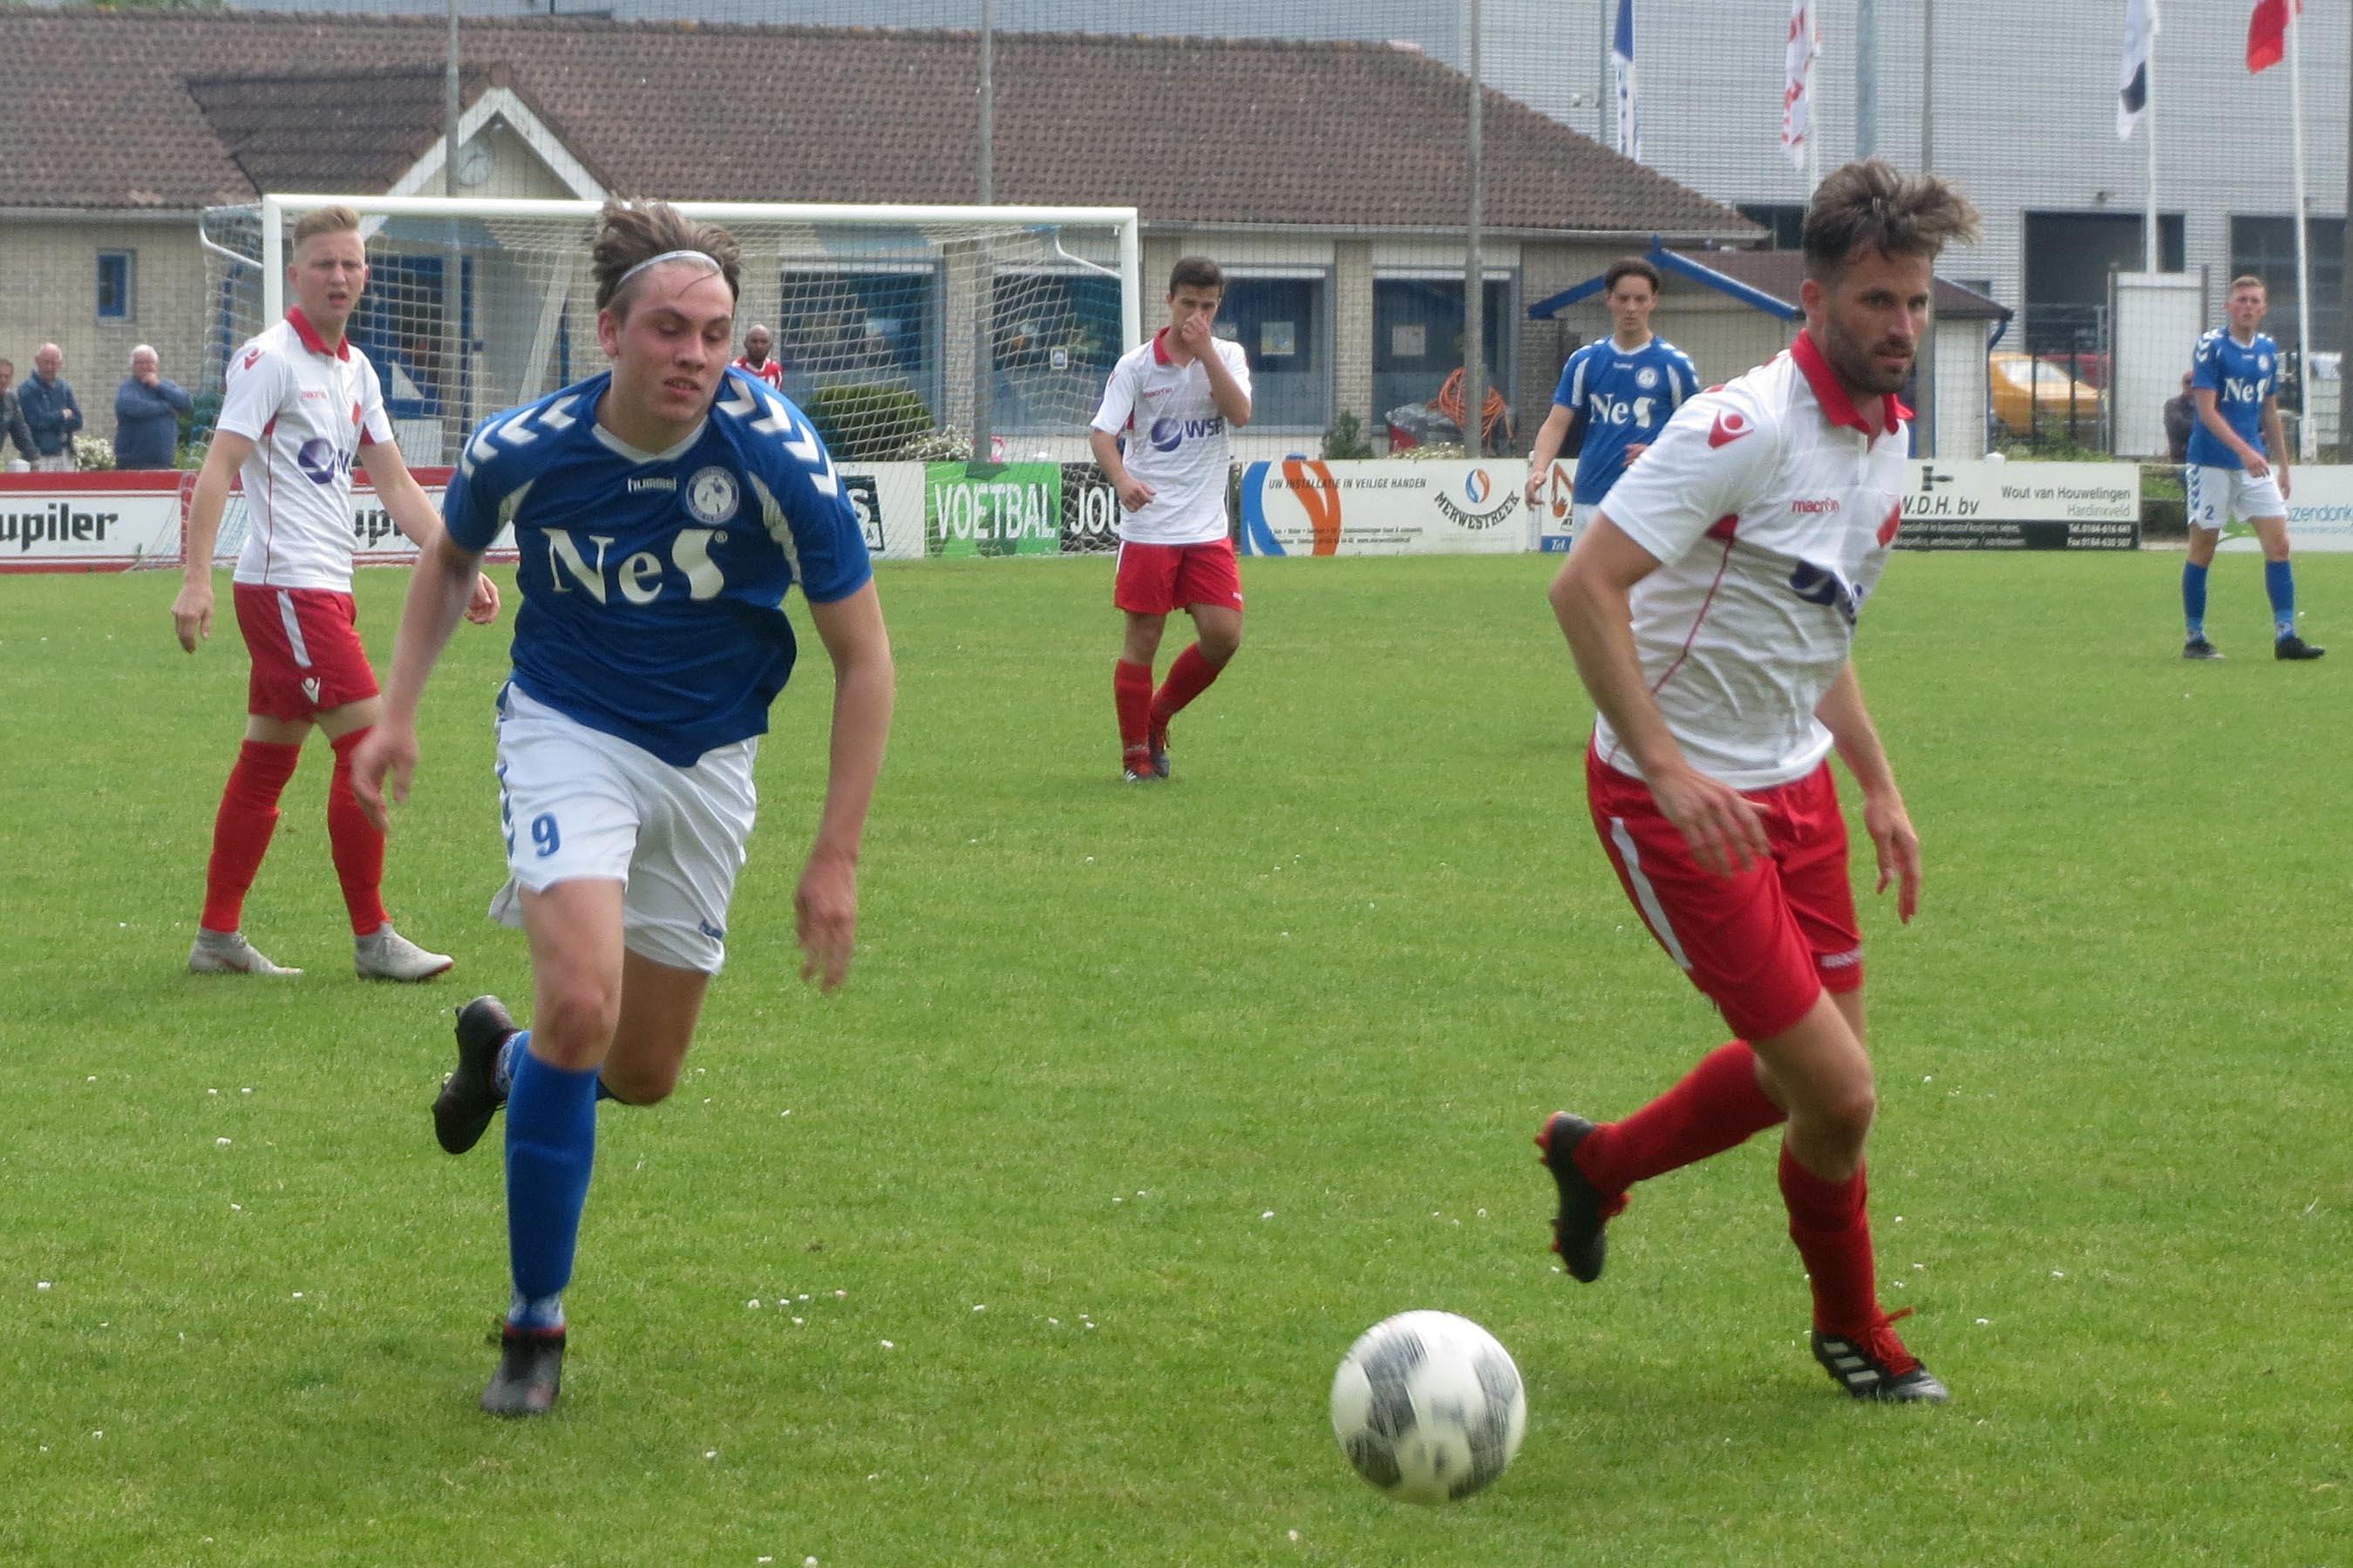 Hardinxveld sluit competitie af met verlies bij Schelluinen